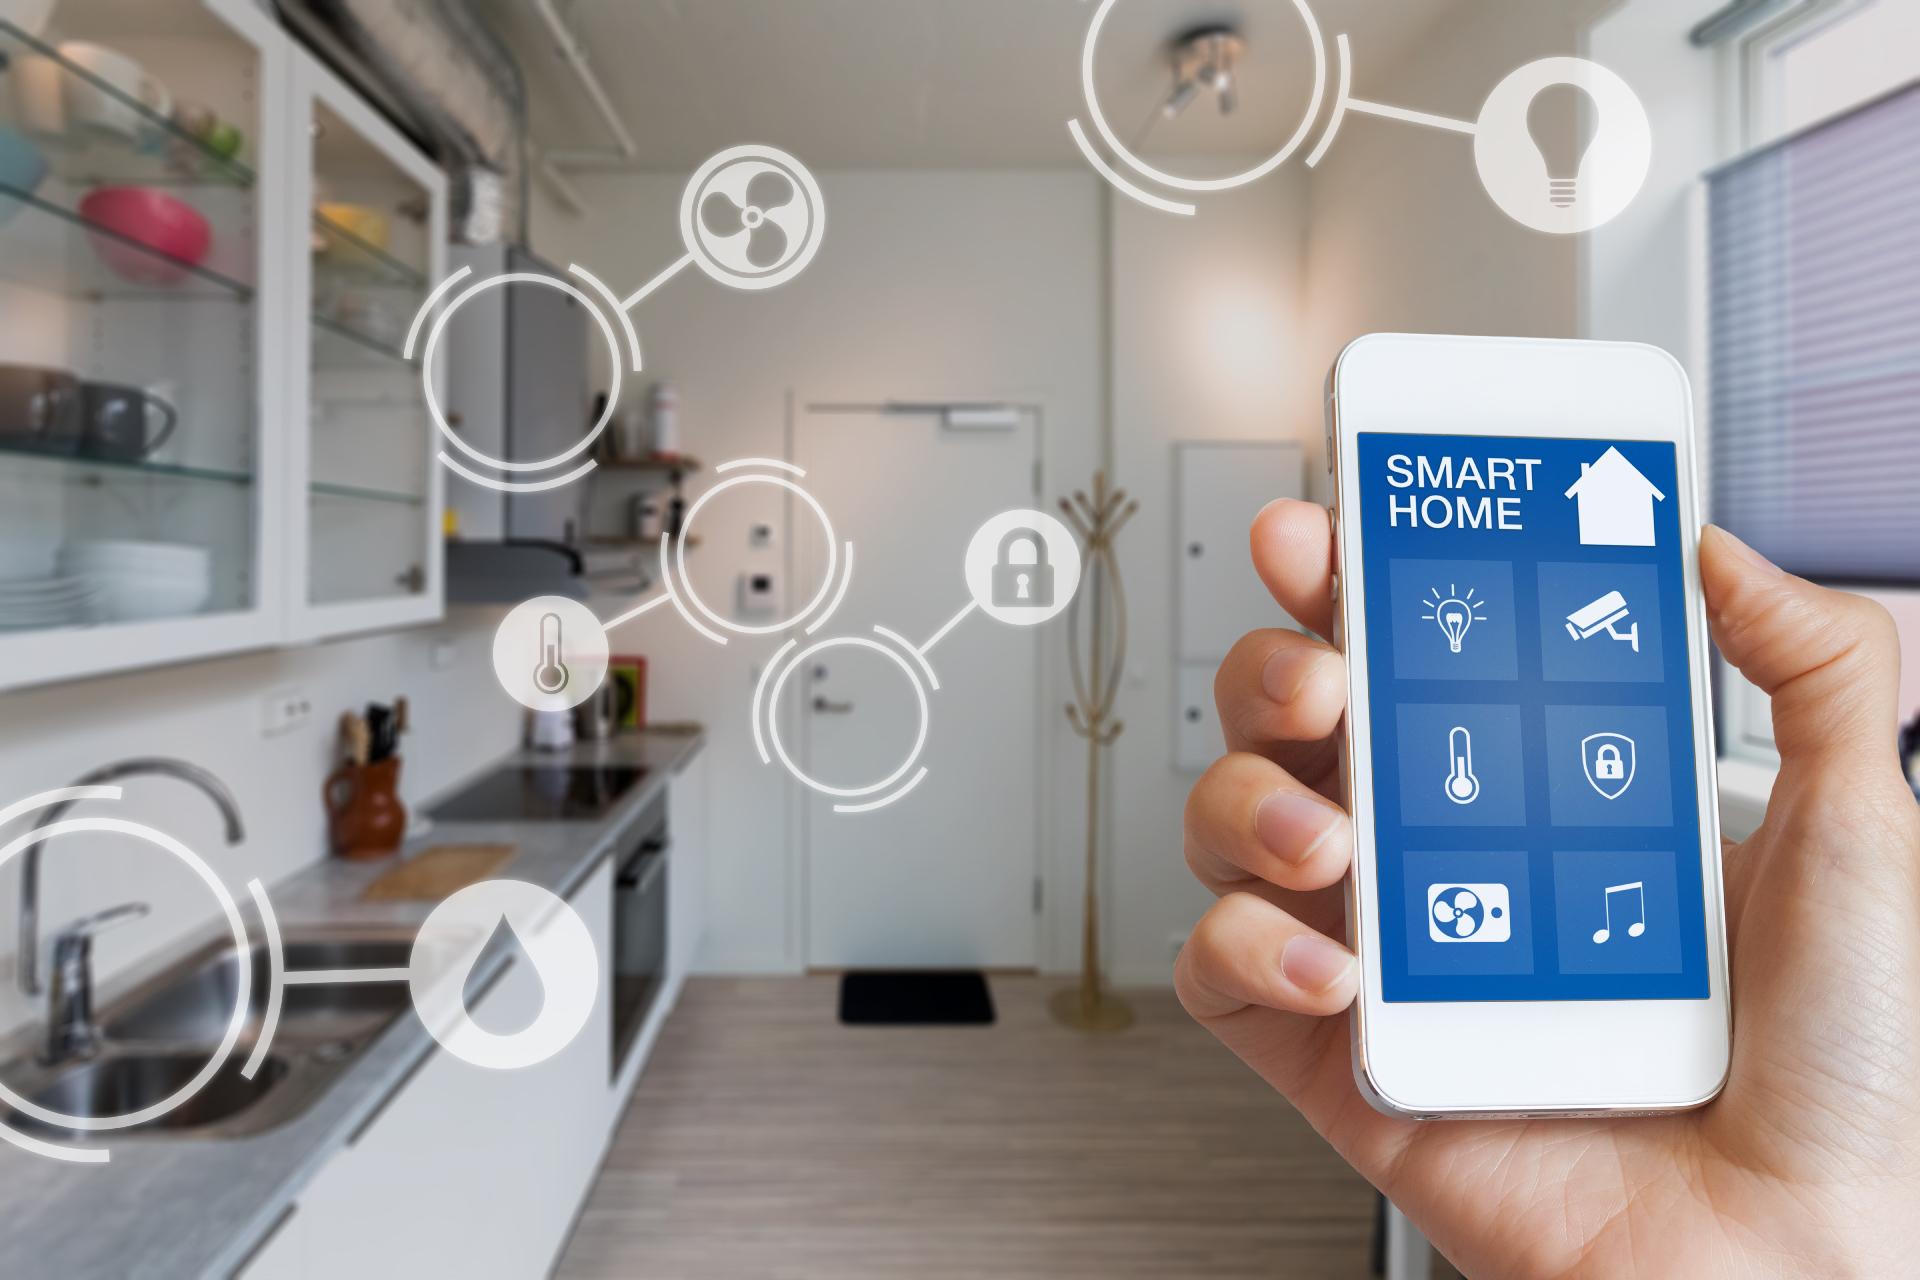 Исследование показало, что потребители и эксперты (продавцы технологий, девелоперы) одинаково смотрят на решения умного дома